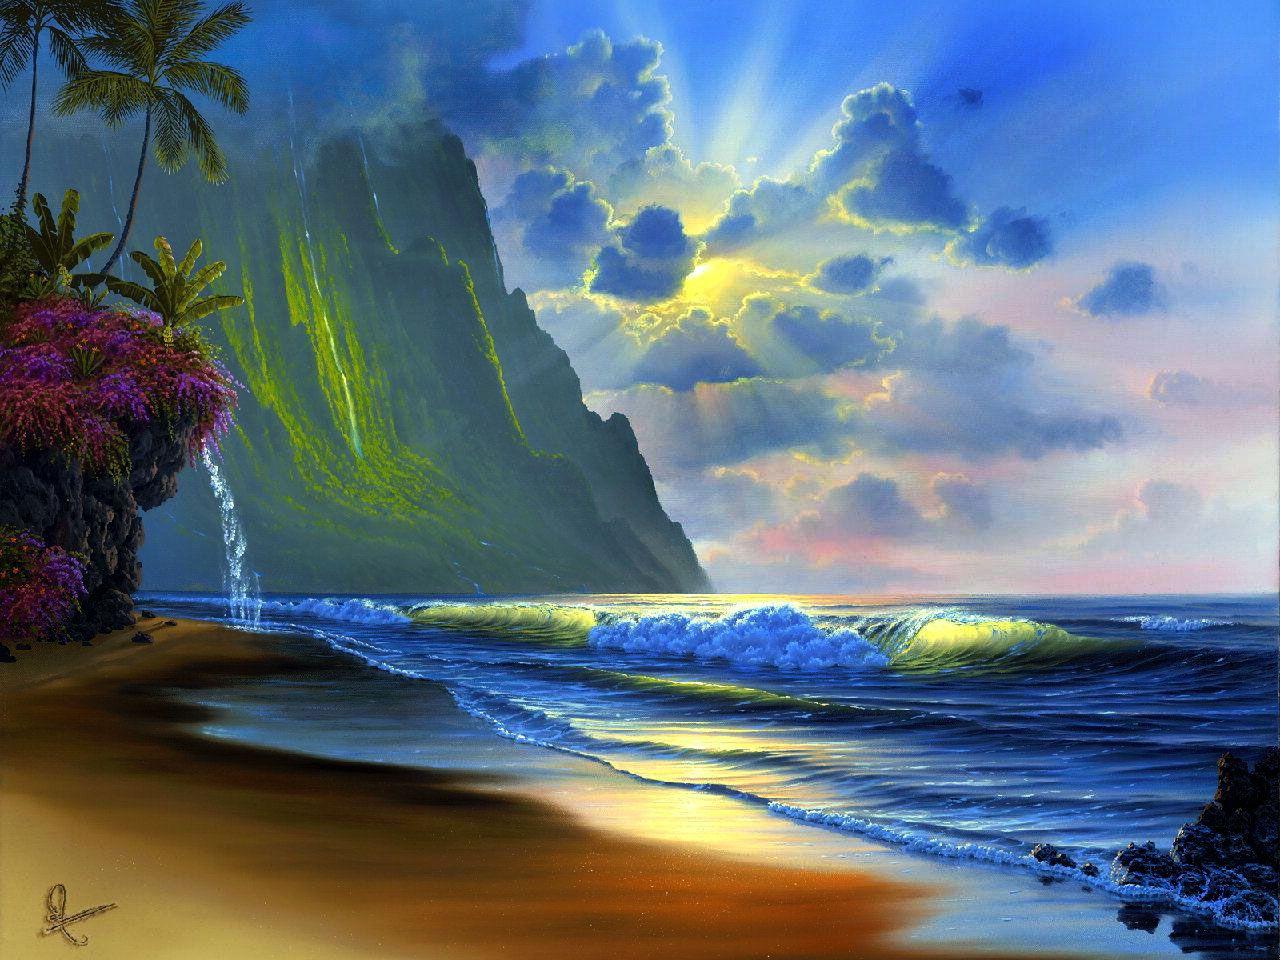 Pin By Kathleen Mccadden On Waterfalls Waterfalls Waterfalls Surf Art Ocean Art Beach Art